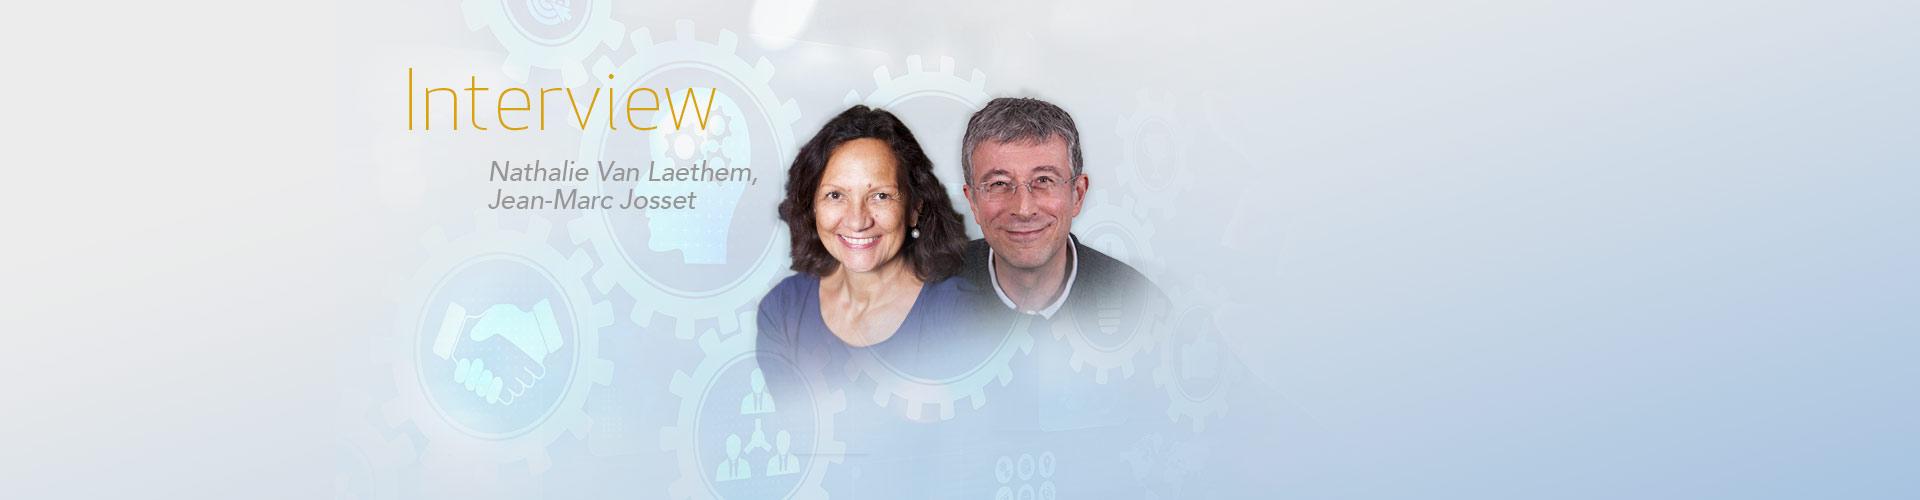 interview Nathalie Van Laethem et Jean-Marc Josset auteurs de la boîte à Outils des Soft Skills